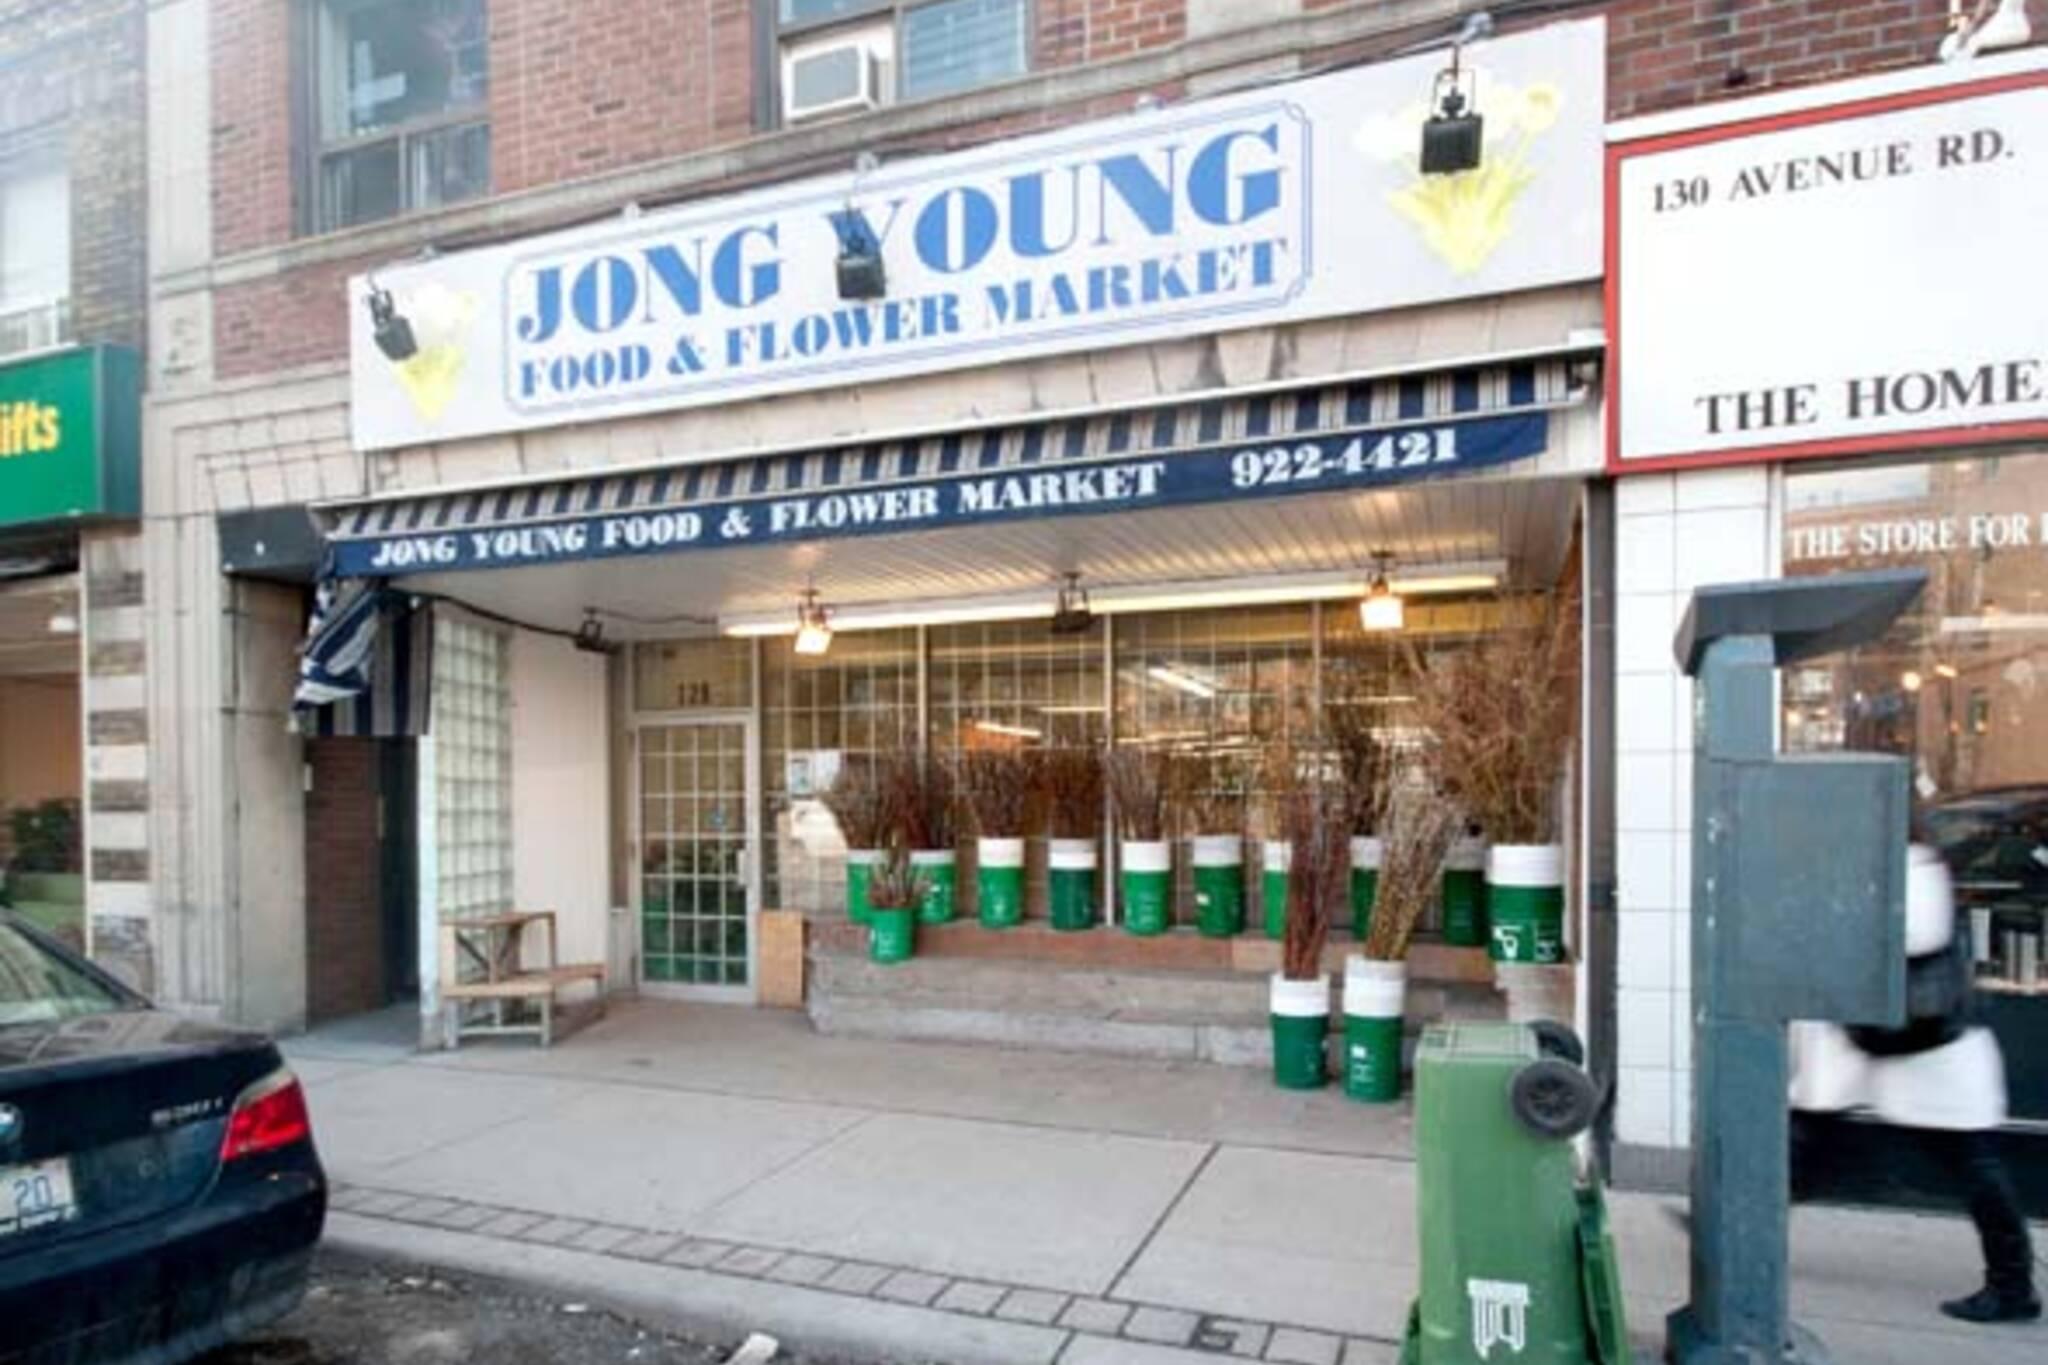 Jong Young Toronto